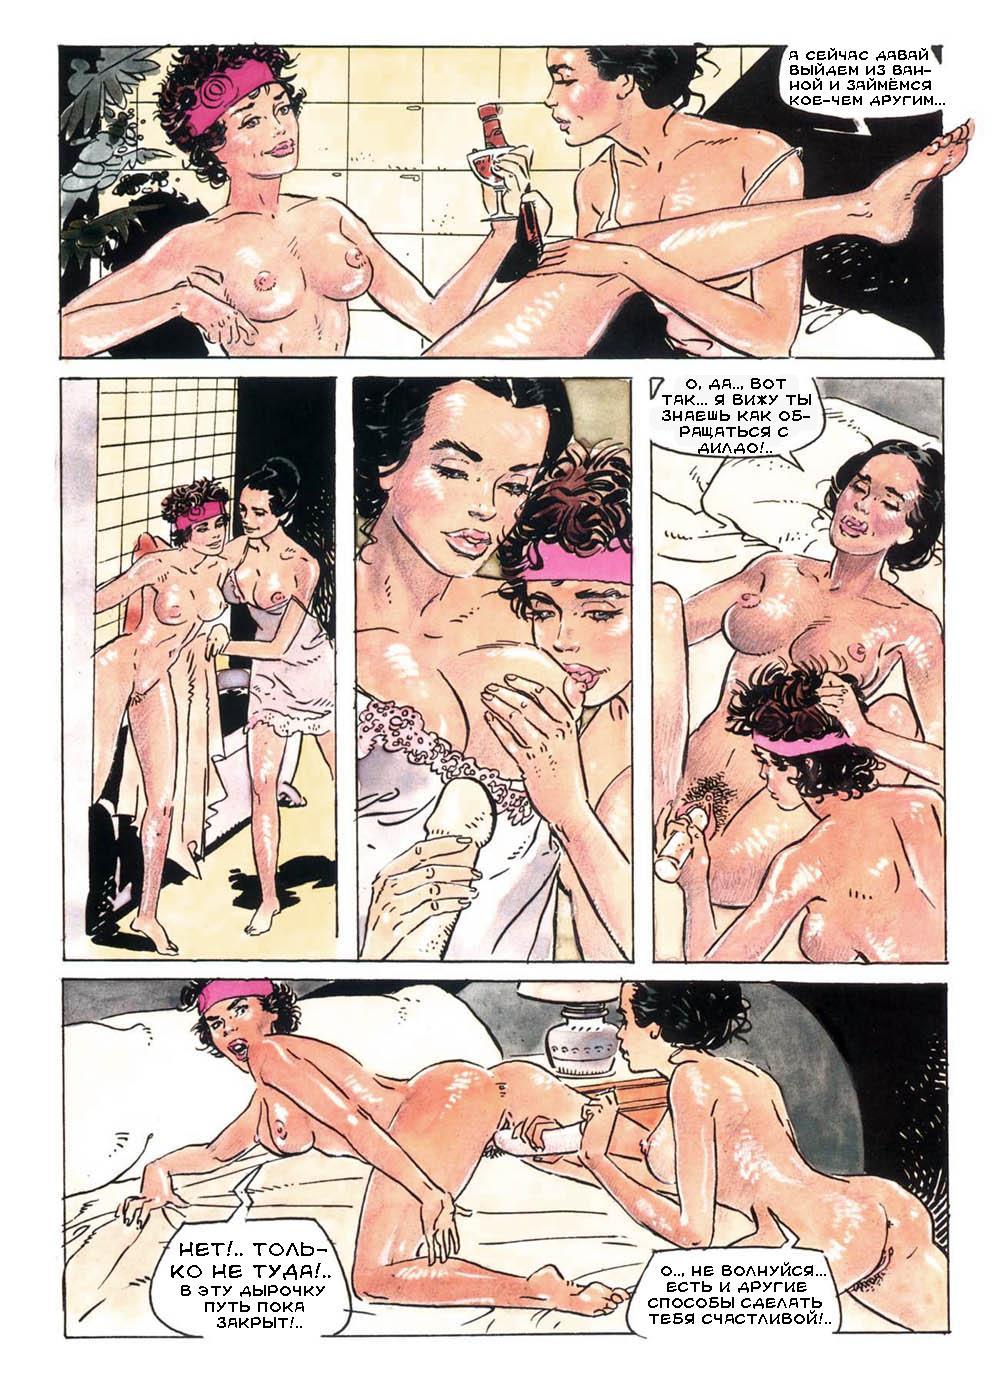 Эротические истории порно истории секс истории читать онлайн бесплатно 24 фотография